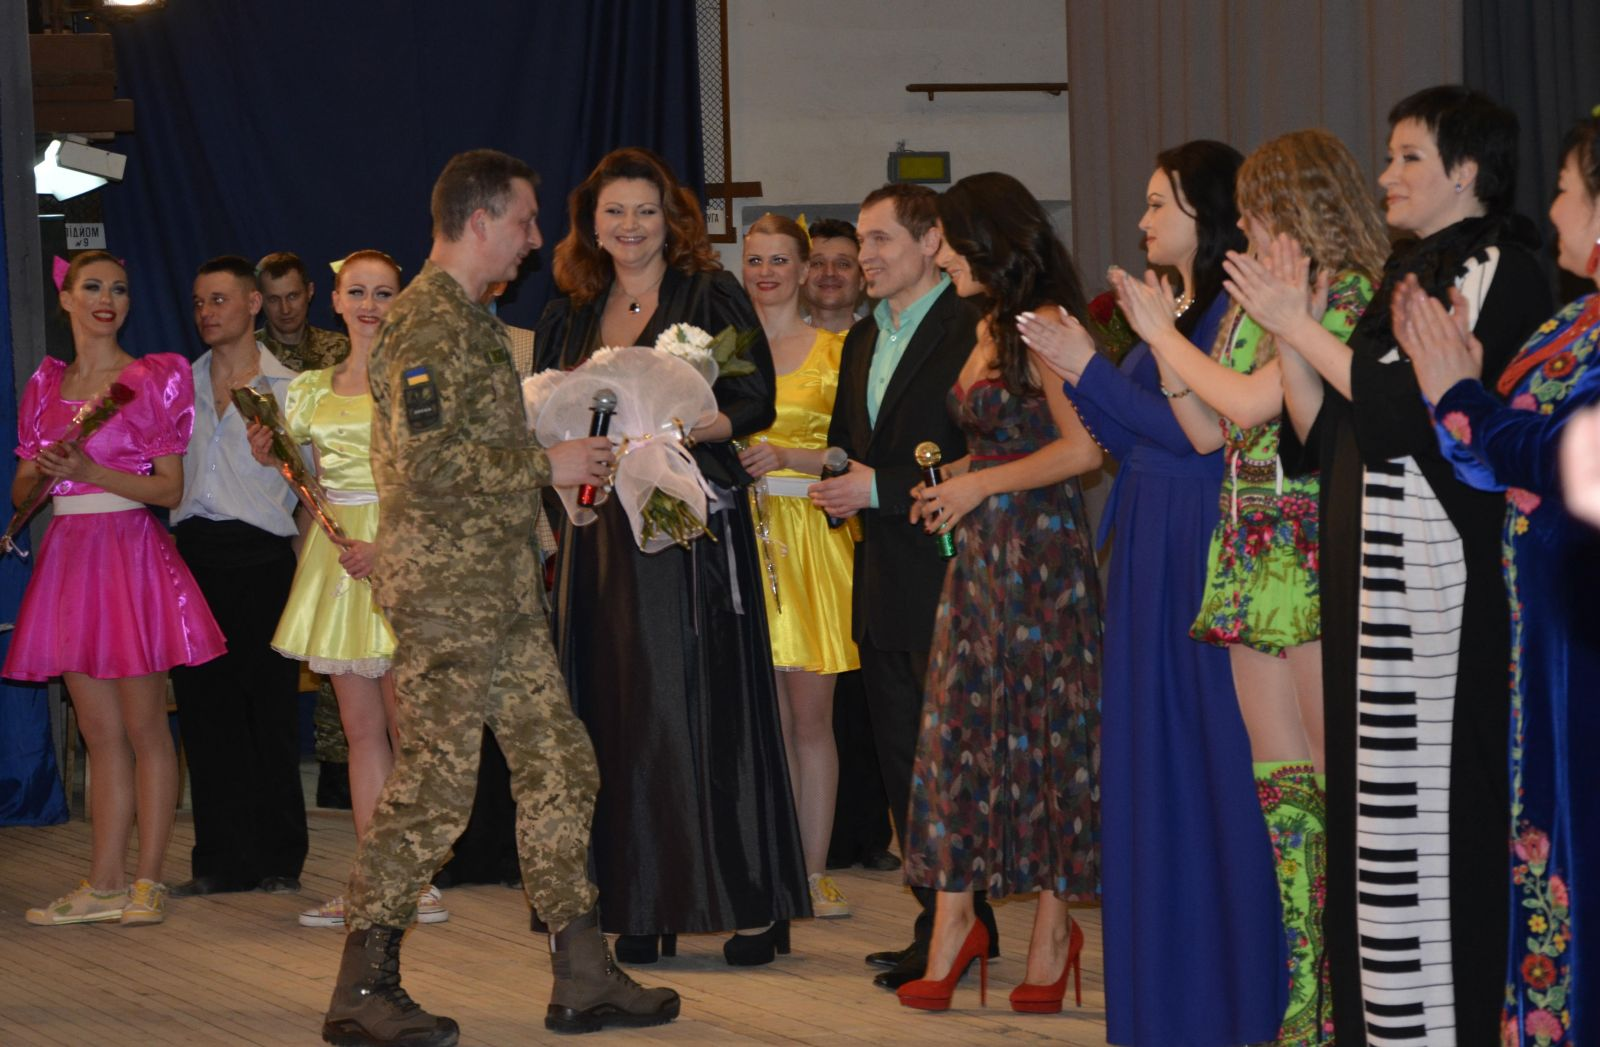 Злата Огневич дала концерт для женщин-военнослужащих